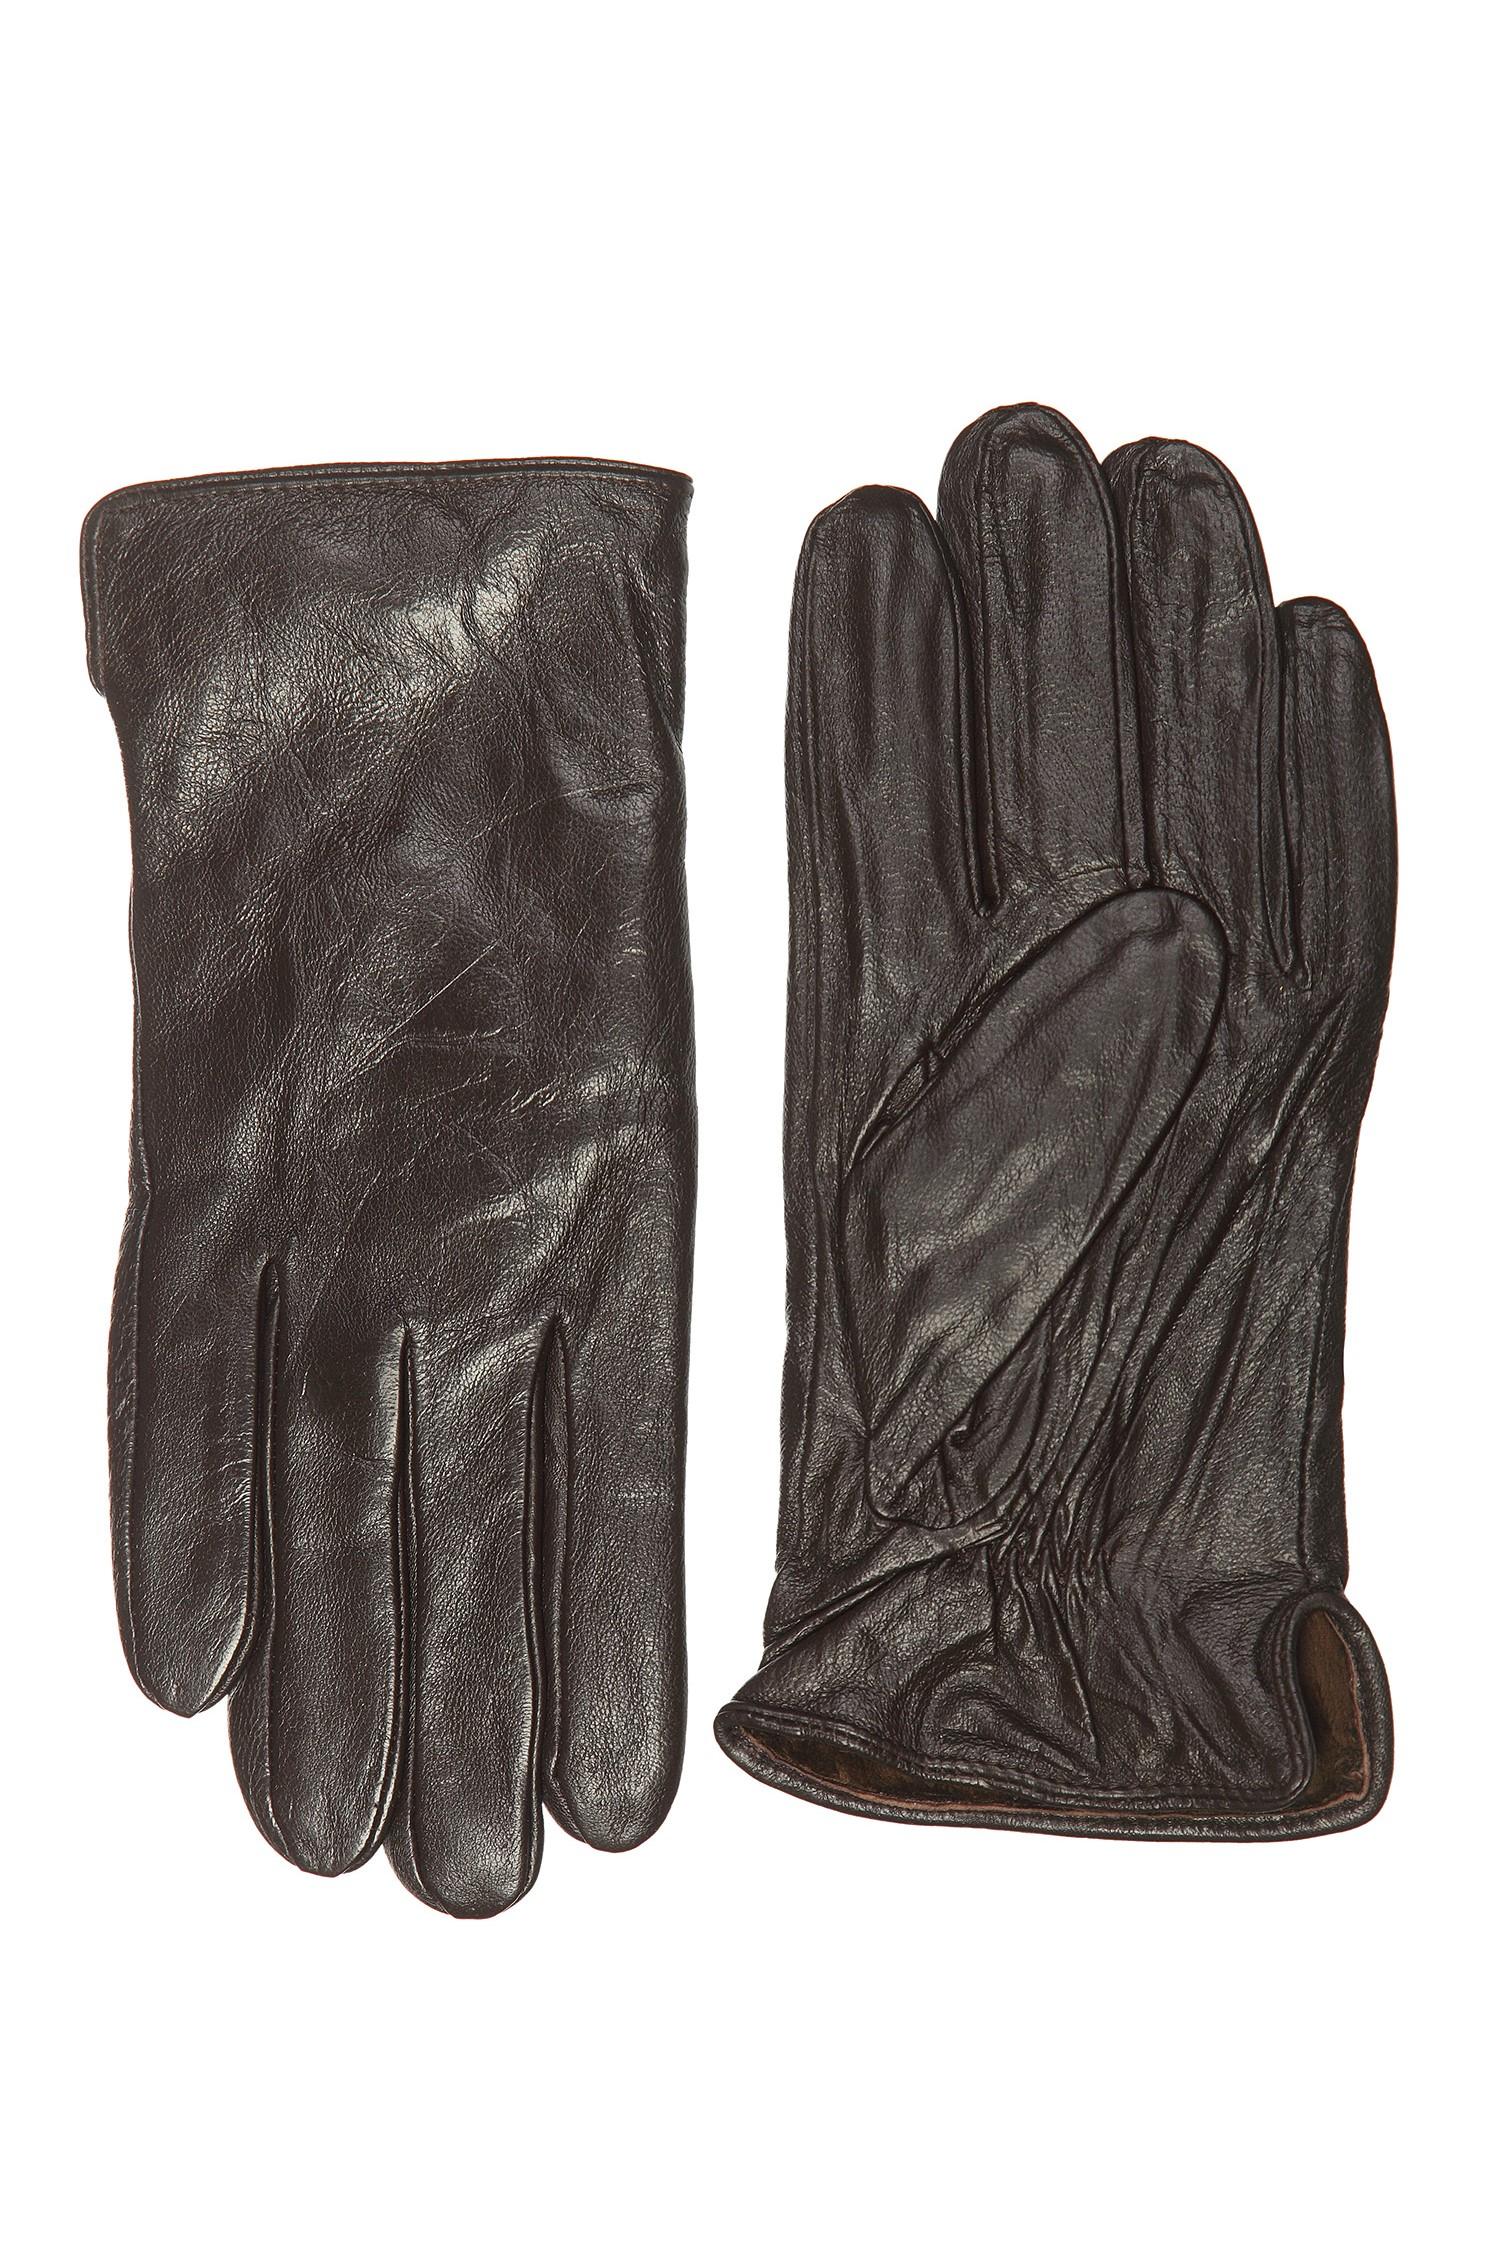 Перчатки мужские из натуральной кожи<br><br>Материал: Кожа овчина<br>Цвет: коричневый<br>Пол: Мужской